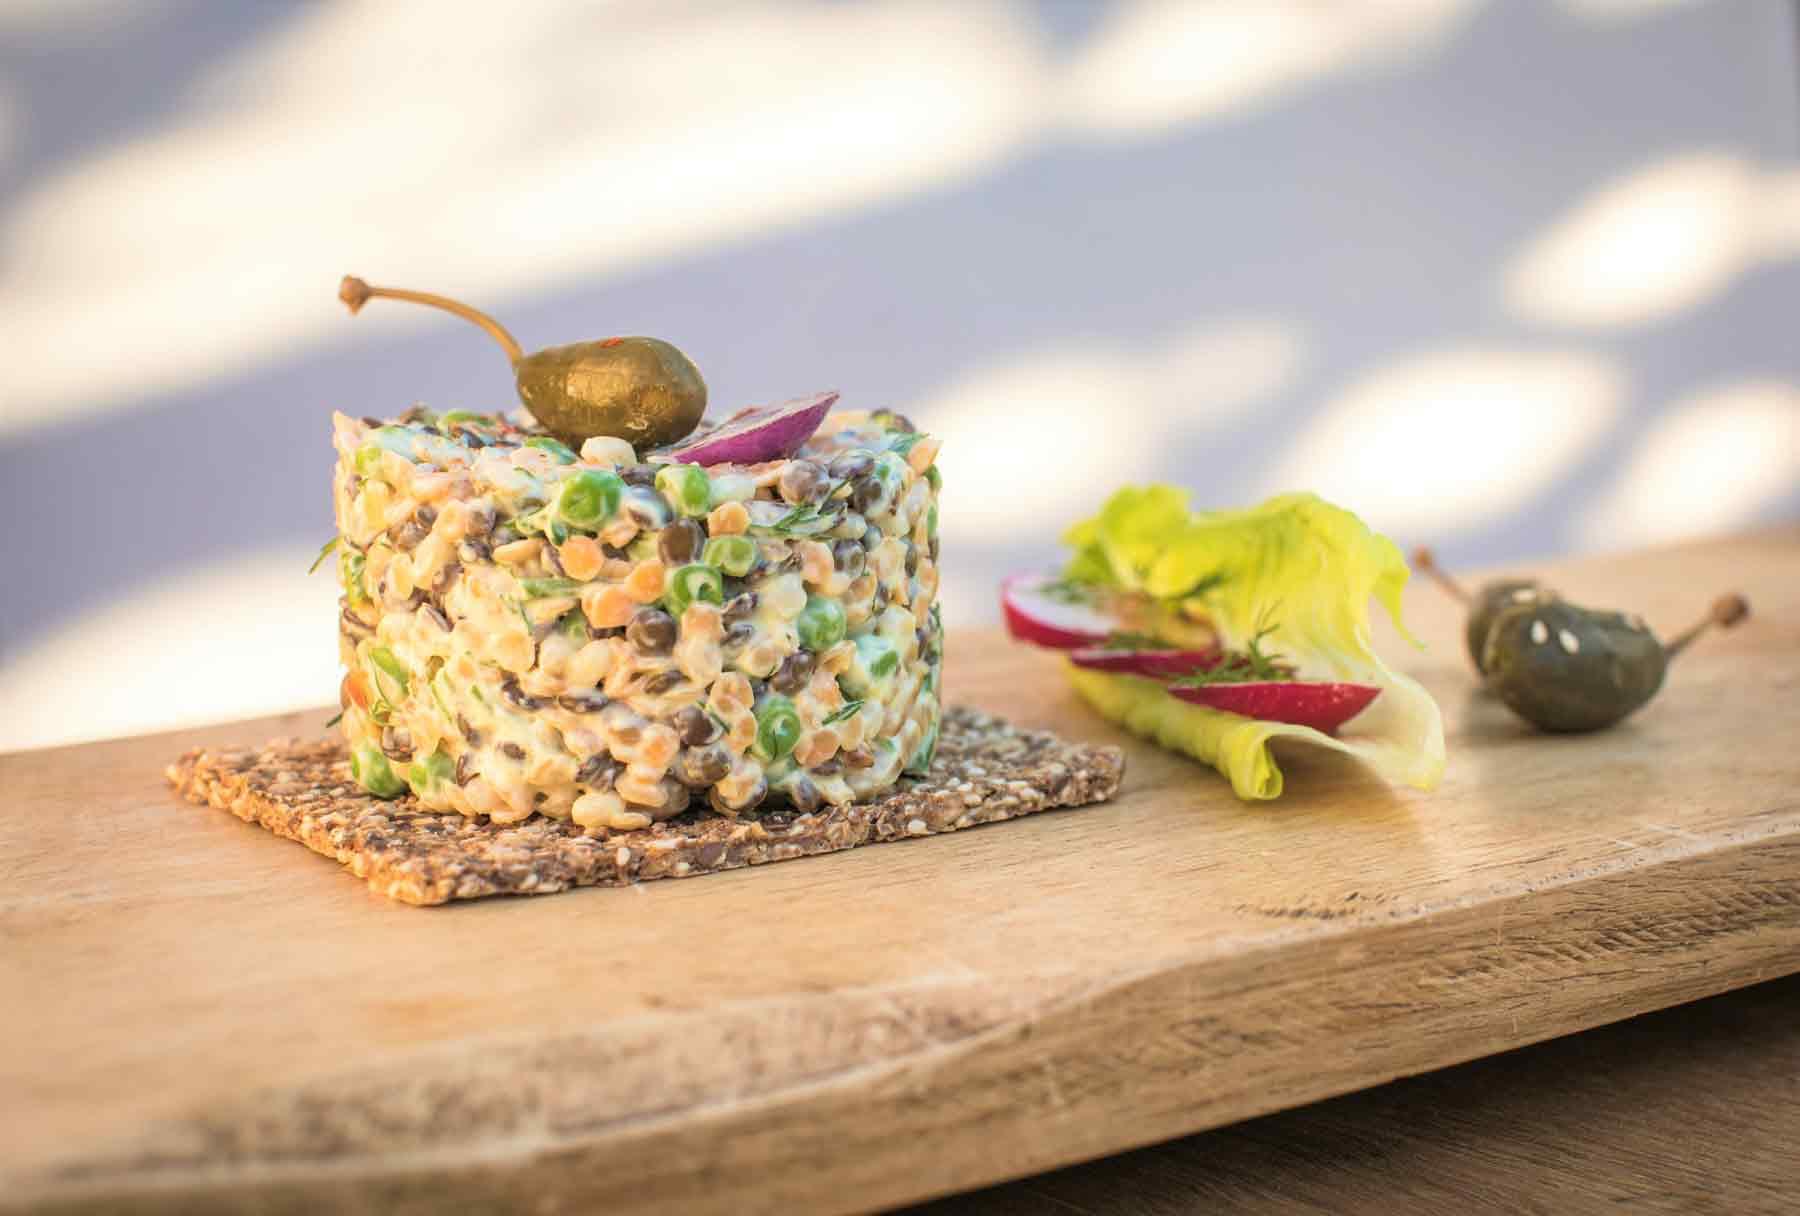 Vegan recipe creamy vegetable tartare with quinoa